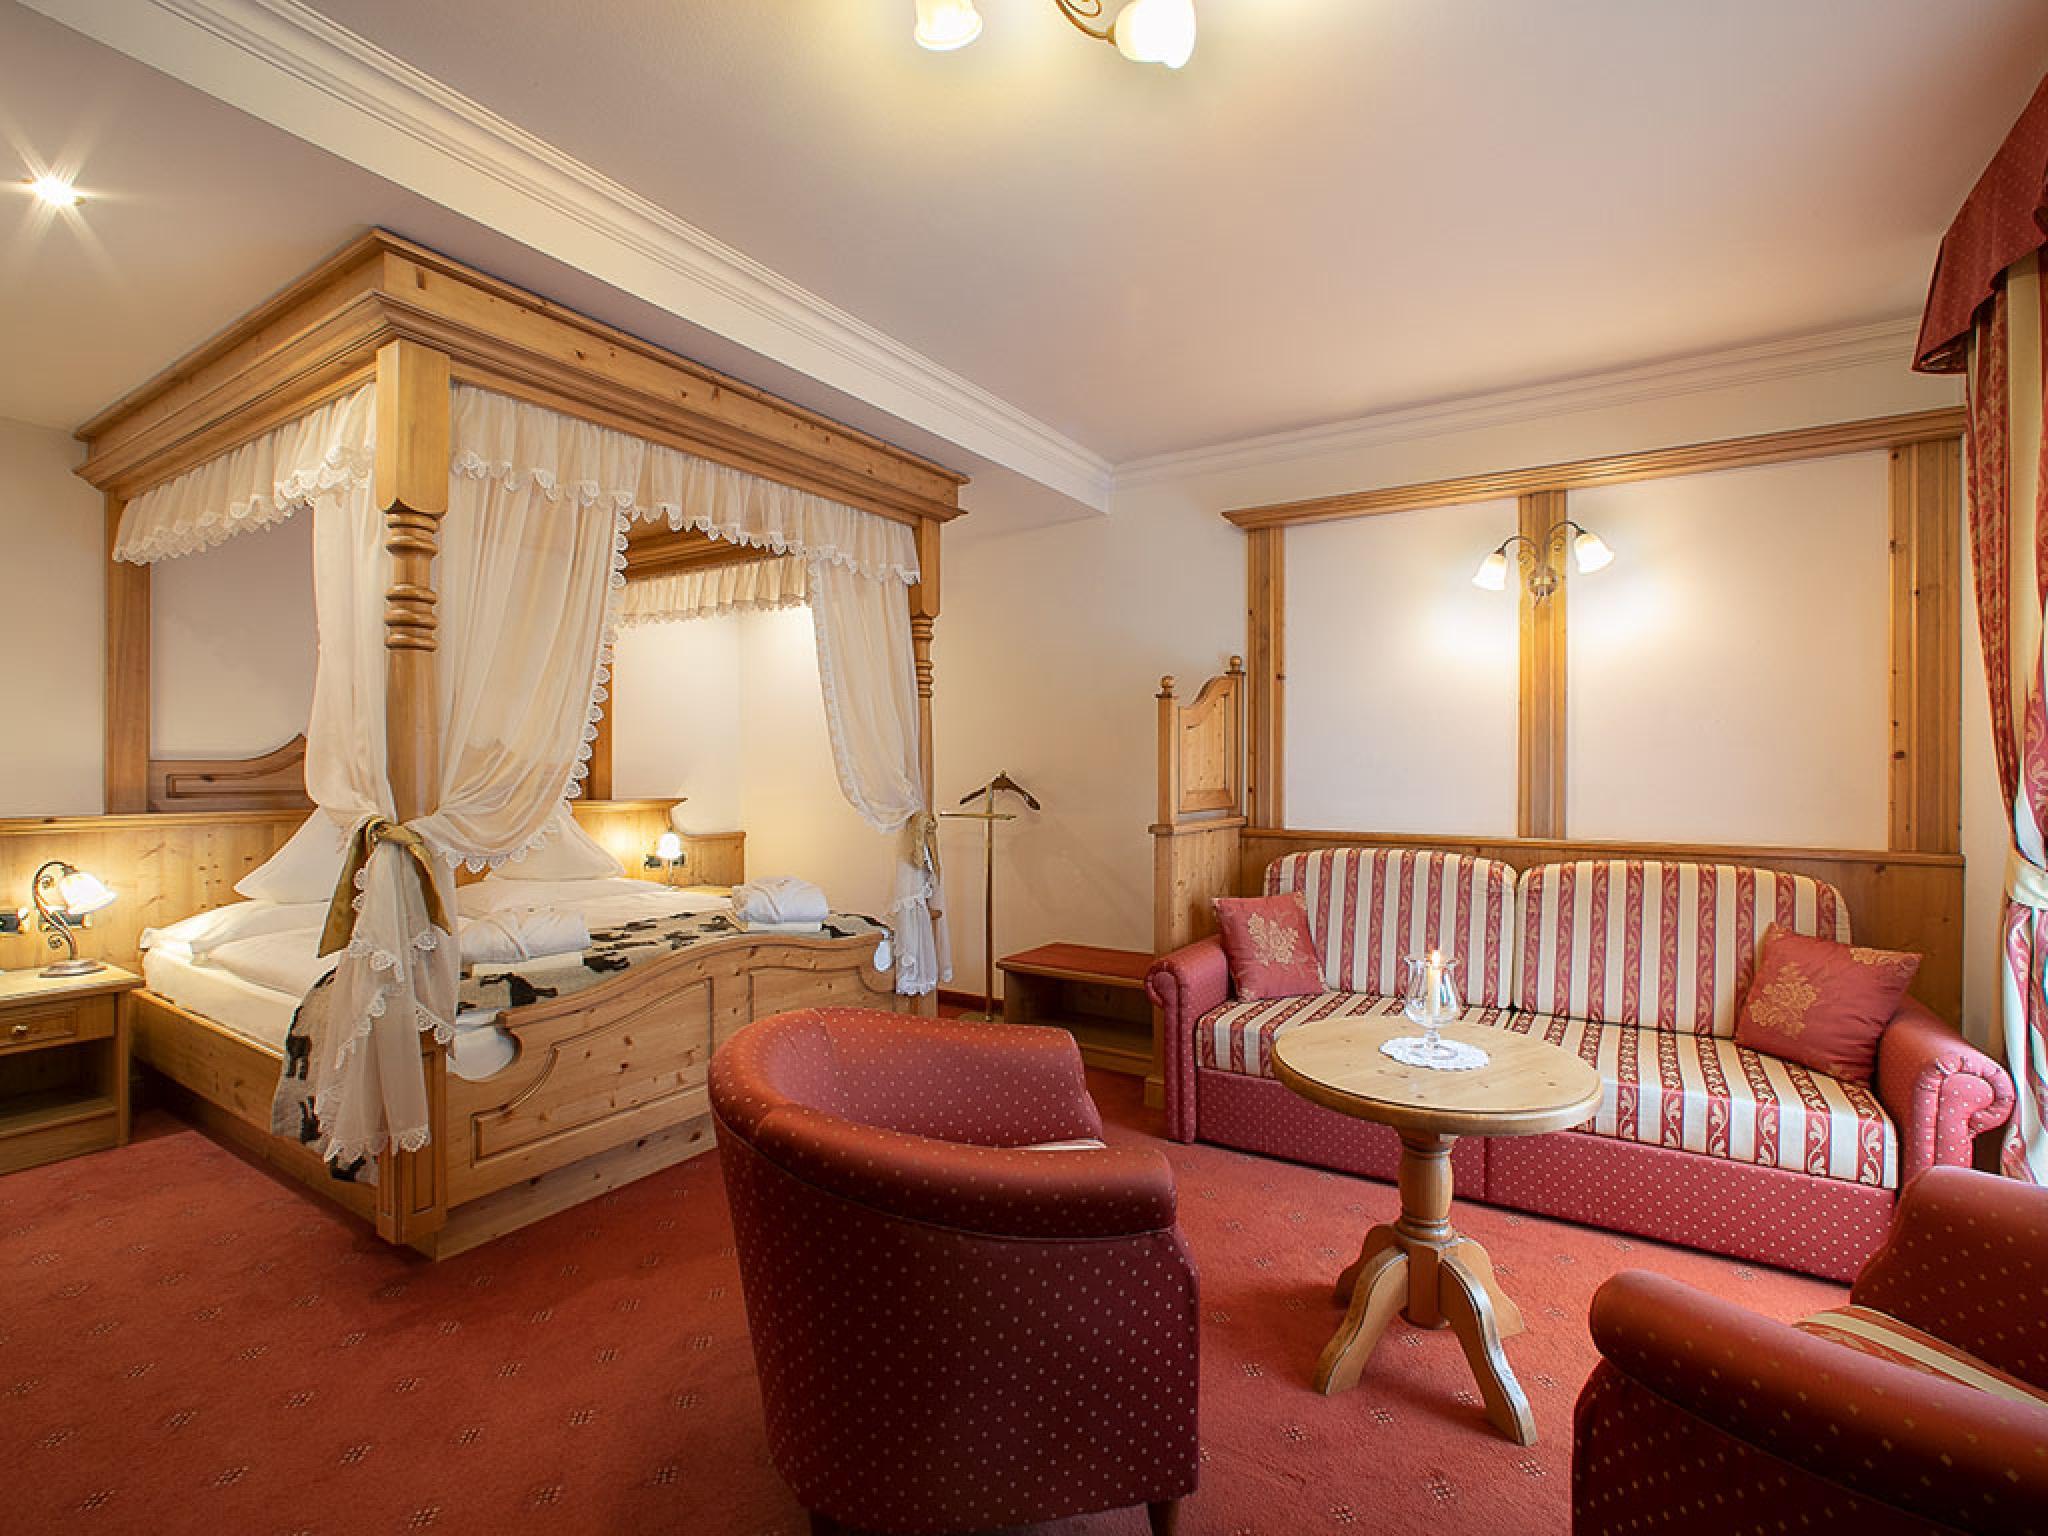 Letti A Baldacchino Per Cani : Hotel dolomiti marmolada cani ammessi dogwelcome hotel alpenrose